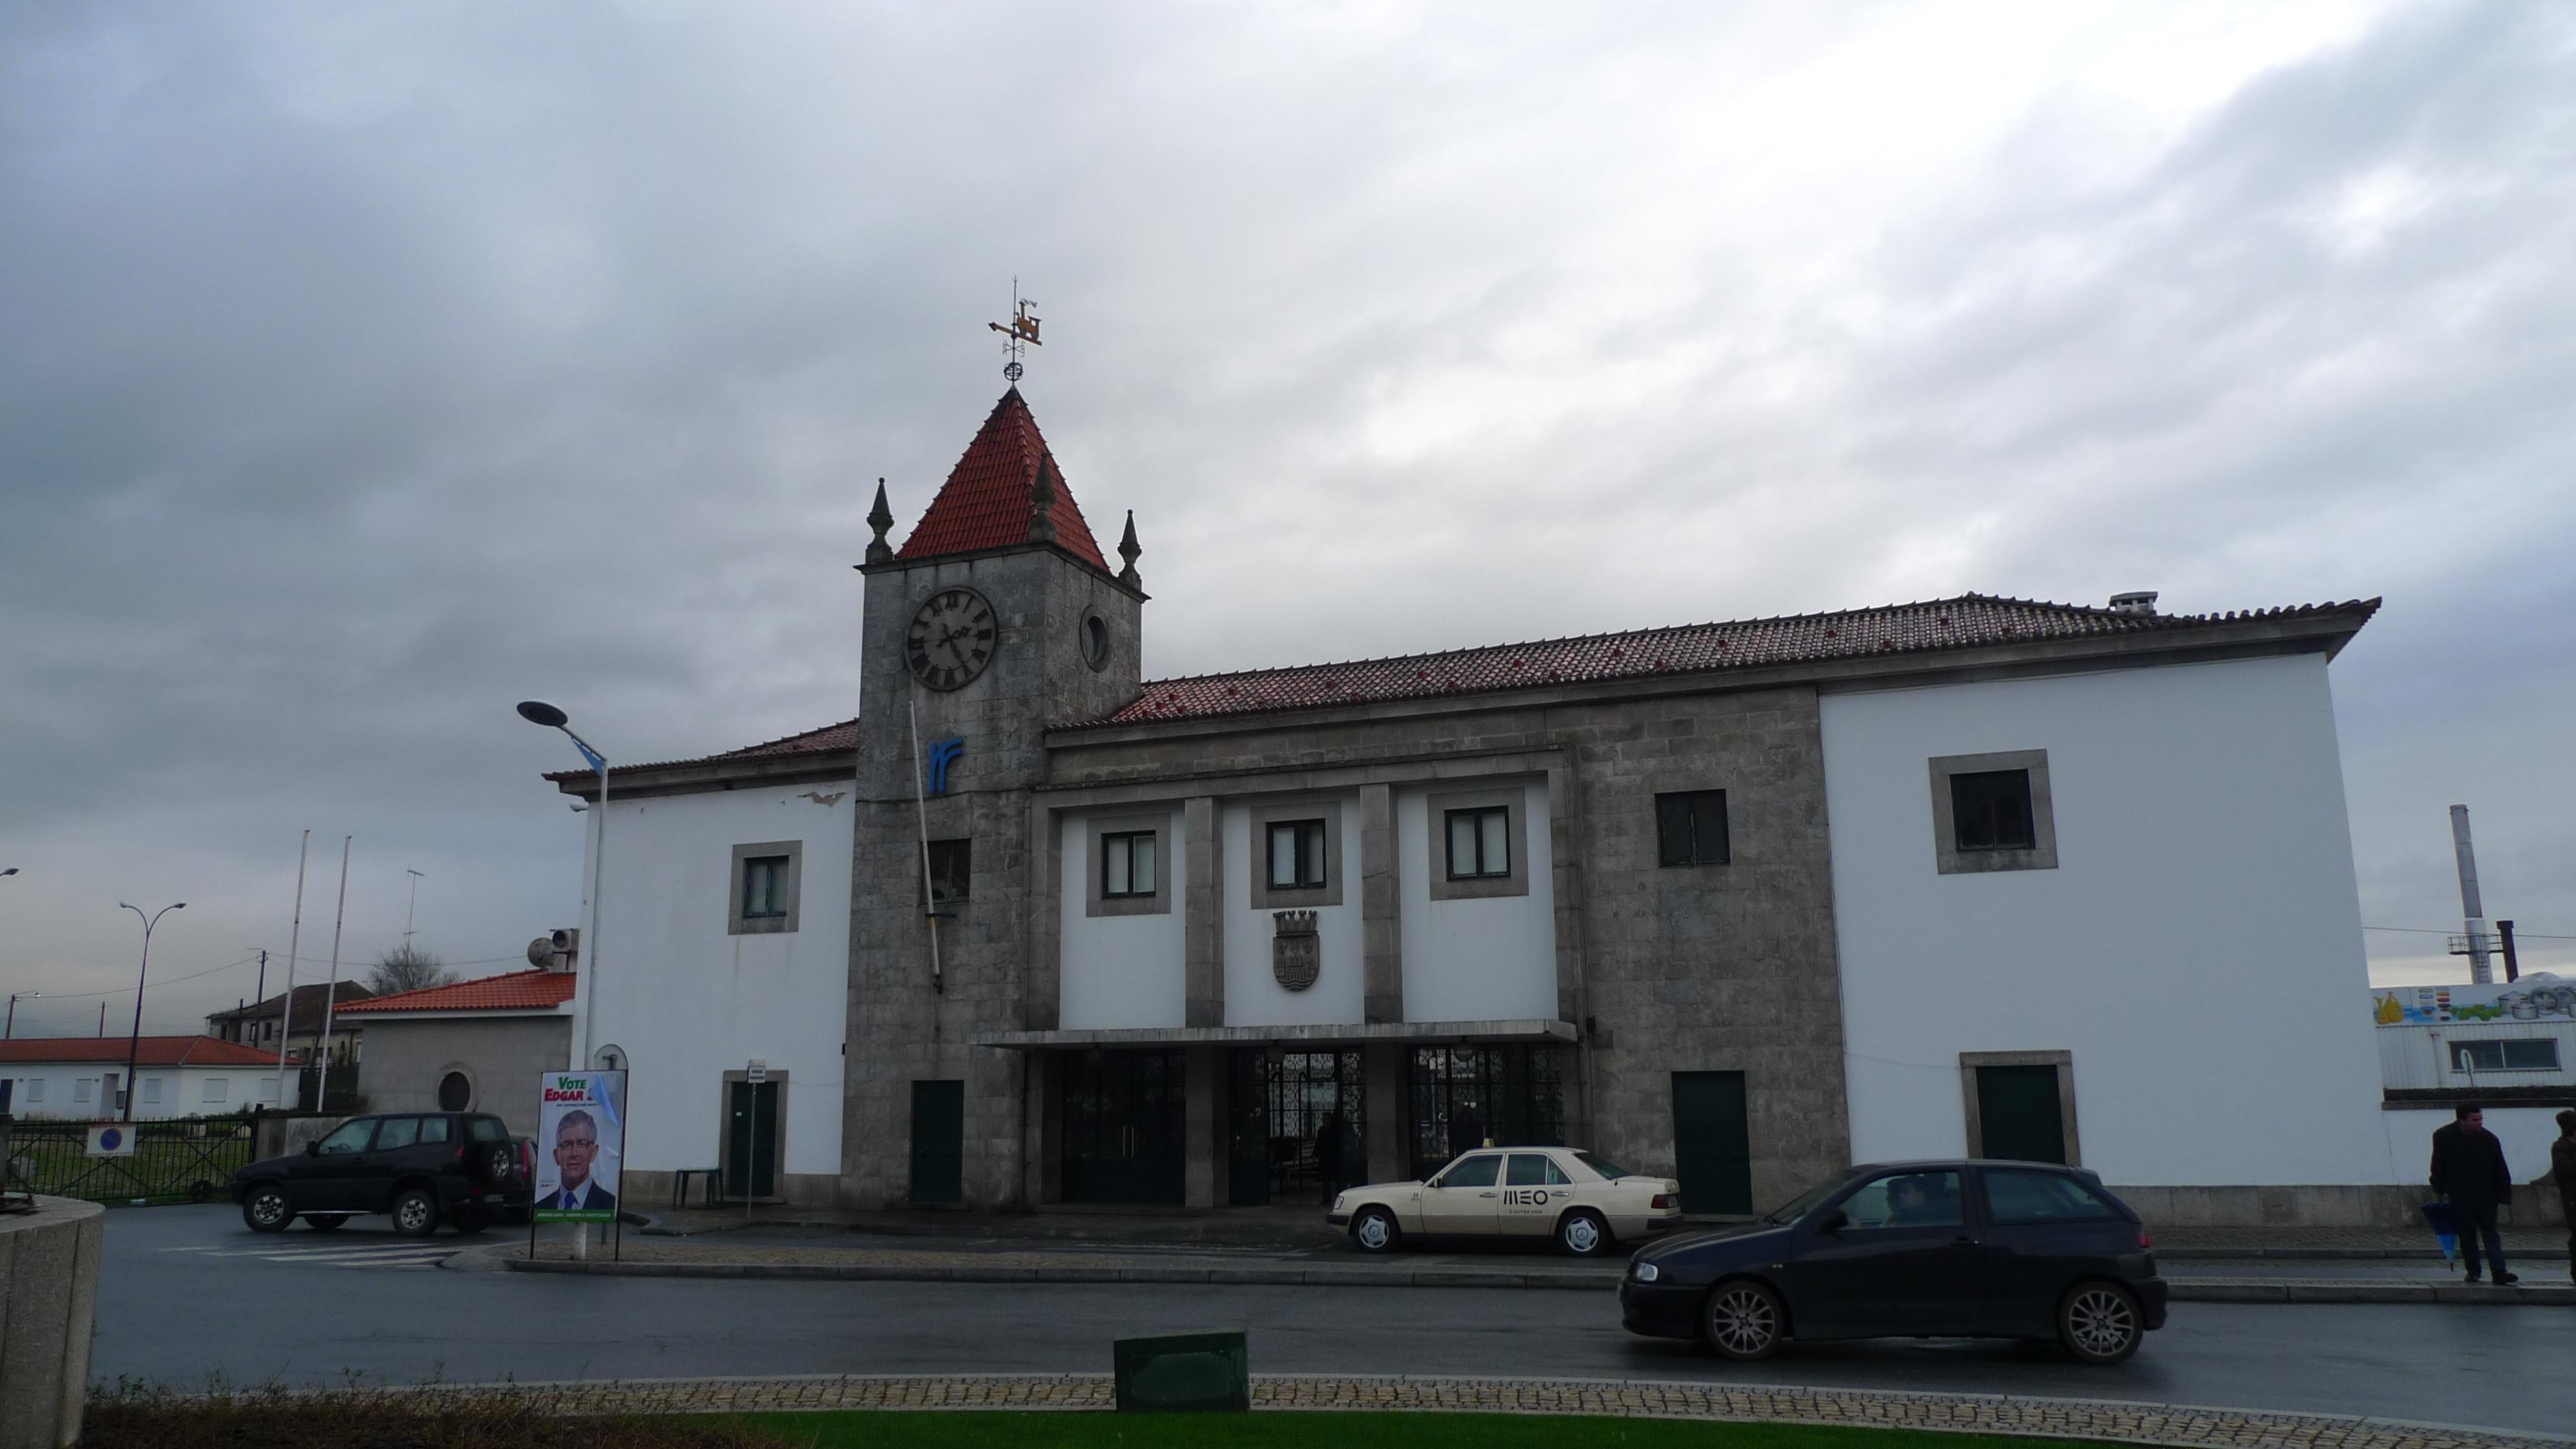 Estação Ferroviária de Barcelos